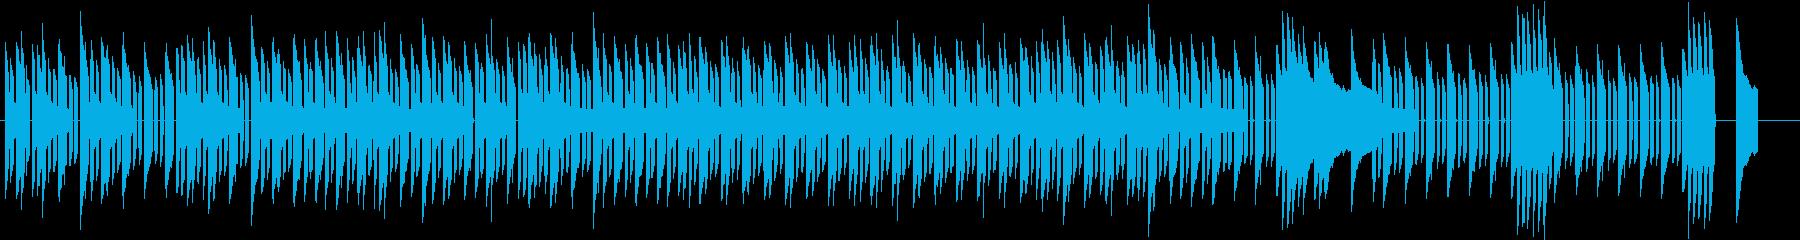 懐しいパズルゲームのチップチューンの再生済みの波形